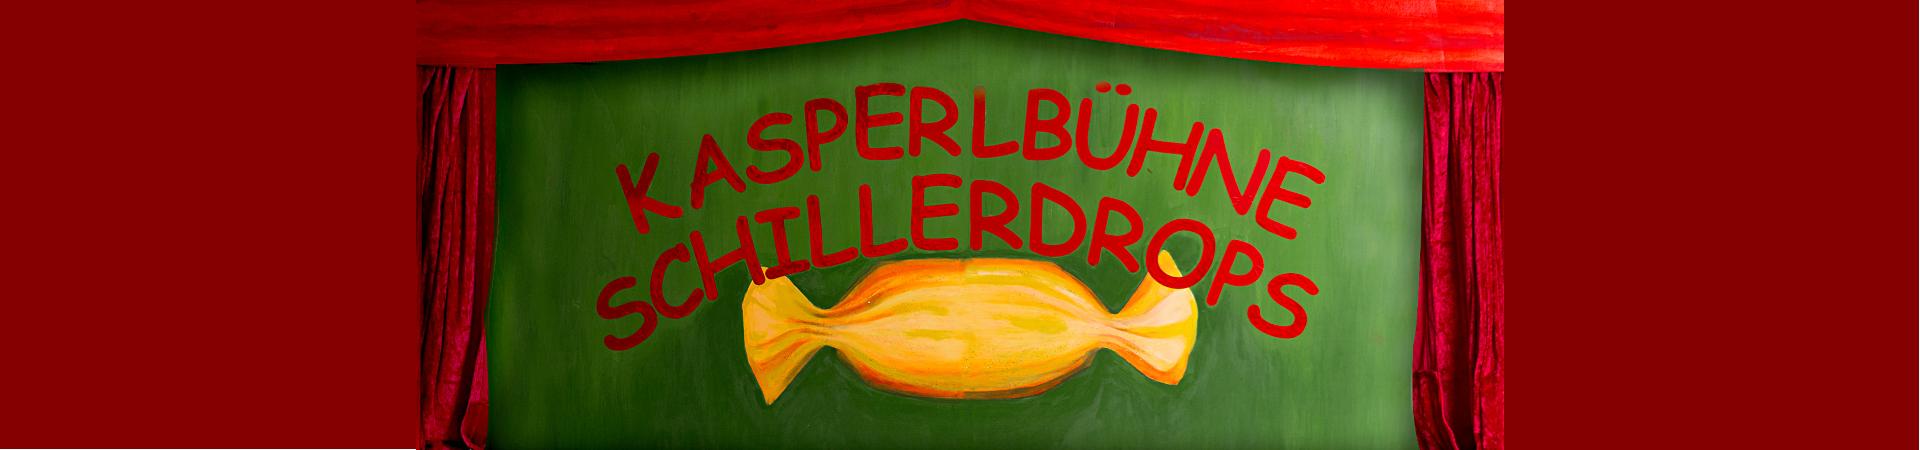 Kasperlbühne Schillerdrops